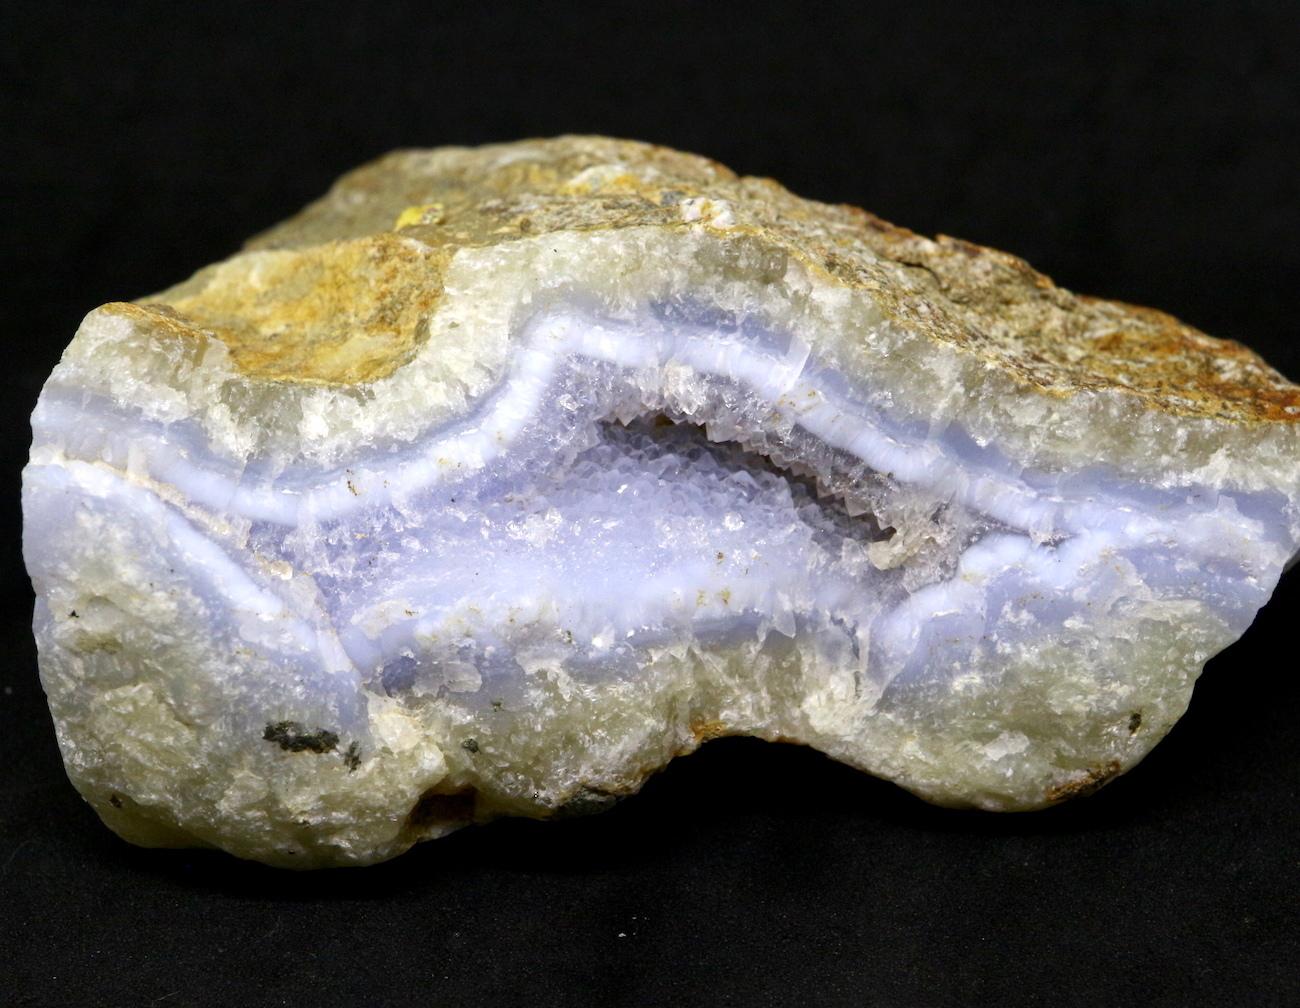 ブルーレースアゲート アフリカ産 200,8g BLA027 原石 鉱物 標本 天然石 パワーストーン